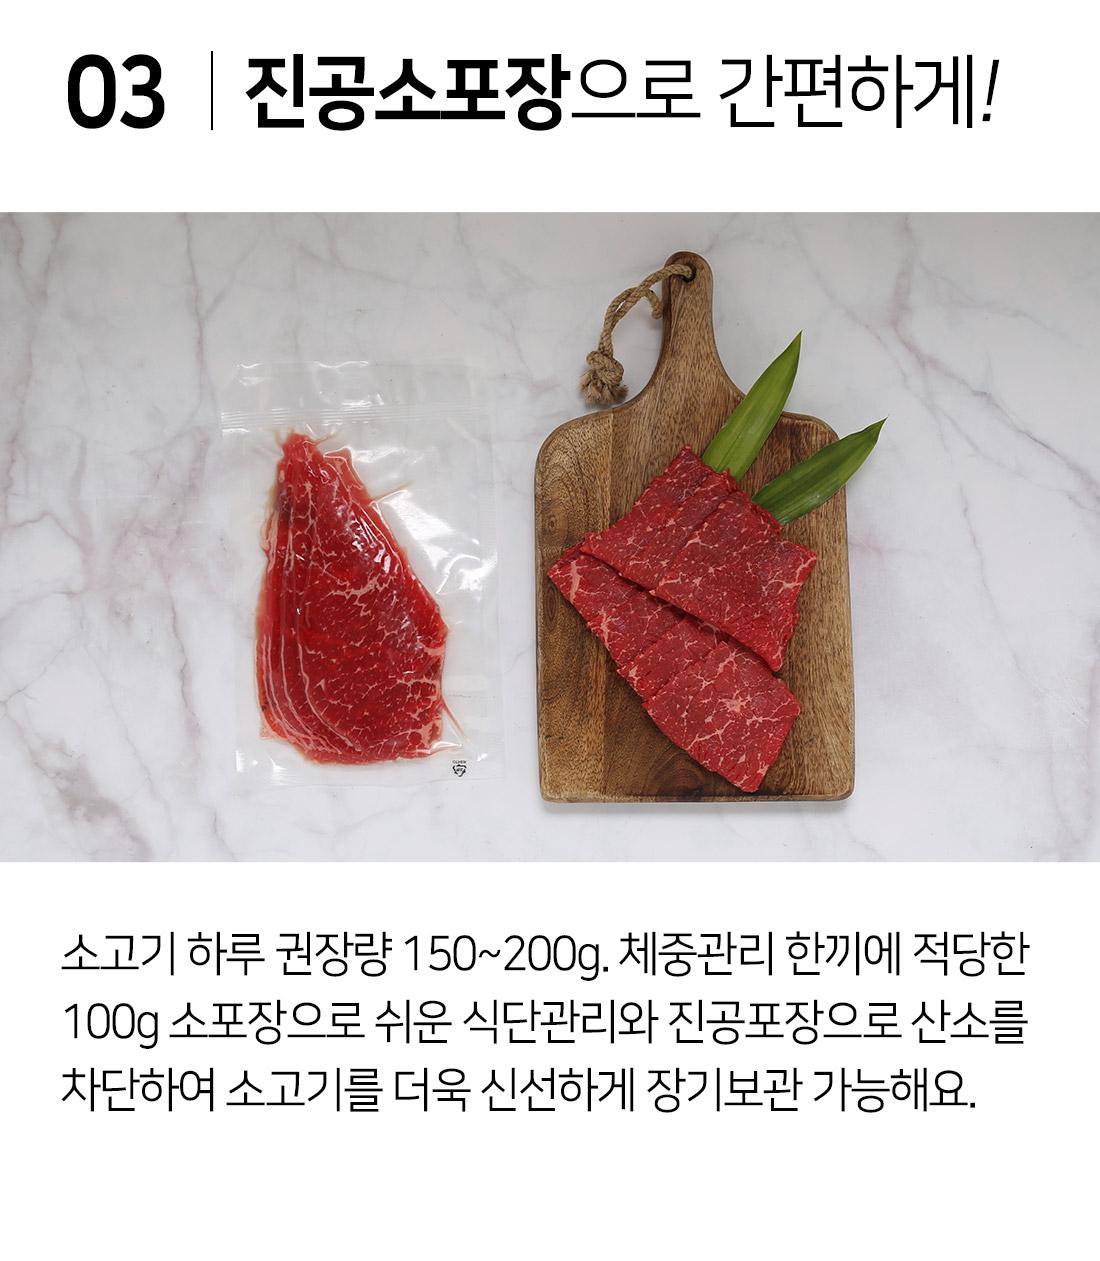 한우슬라이스_포인트03